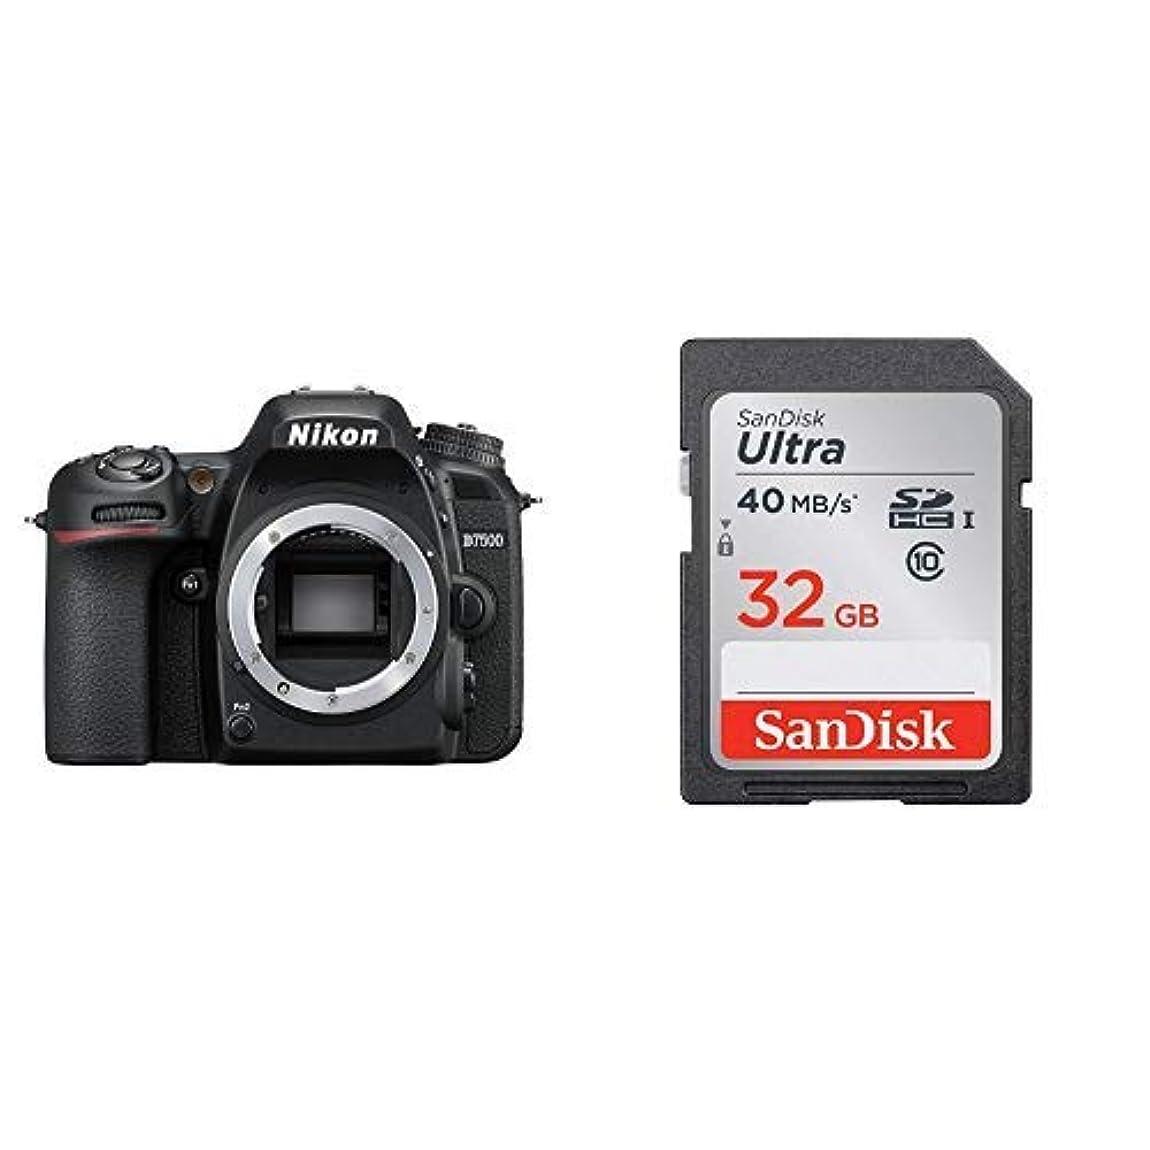 サーバ無限弁護人Nikon デジタル一眼レフカメラ D7500 ボディ + SanDisk ウルトラ SDHCカード 32GB Class6 UHS-I [エコパッケージ]